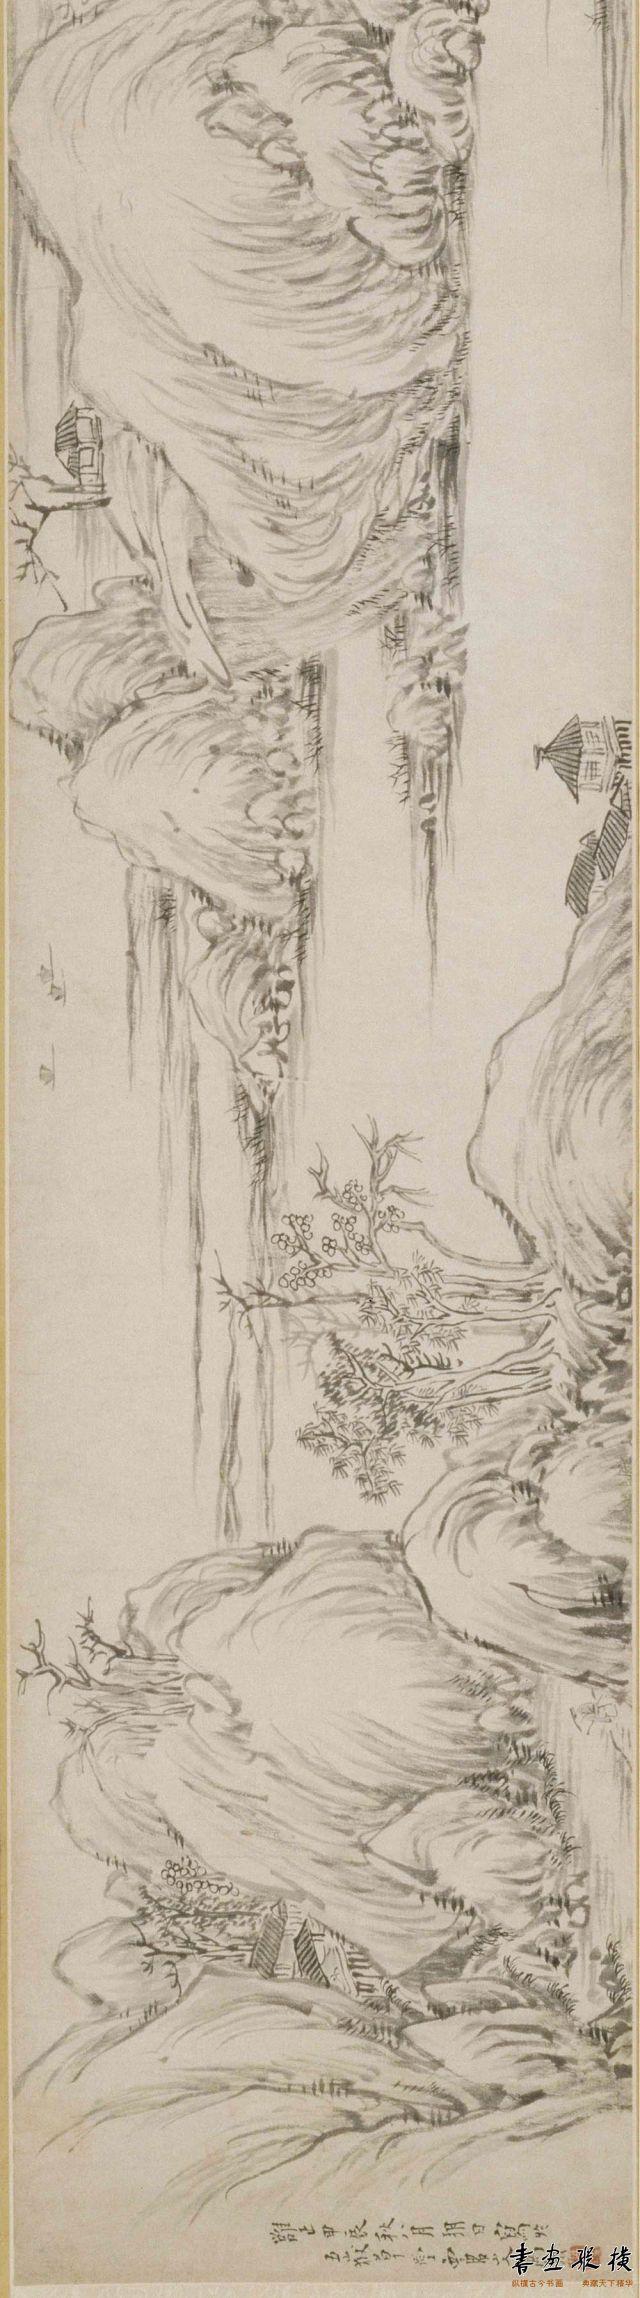 清 高翔 山水图卷 纸本 墨笔 纵26厘米 横151.3厘米 故宫博物院藏